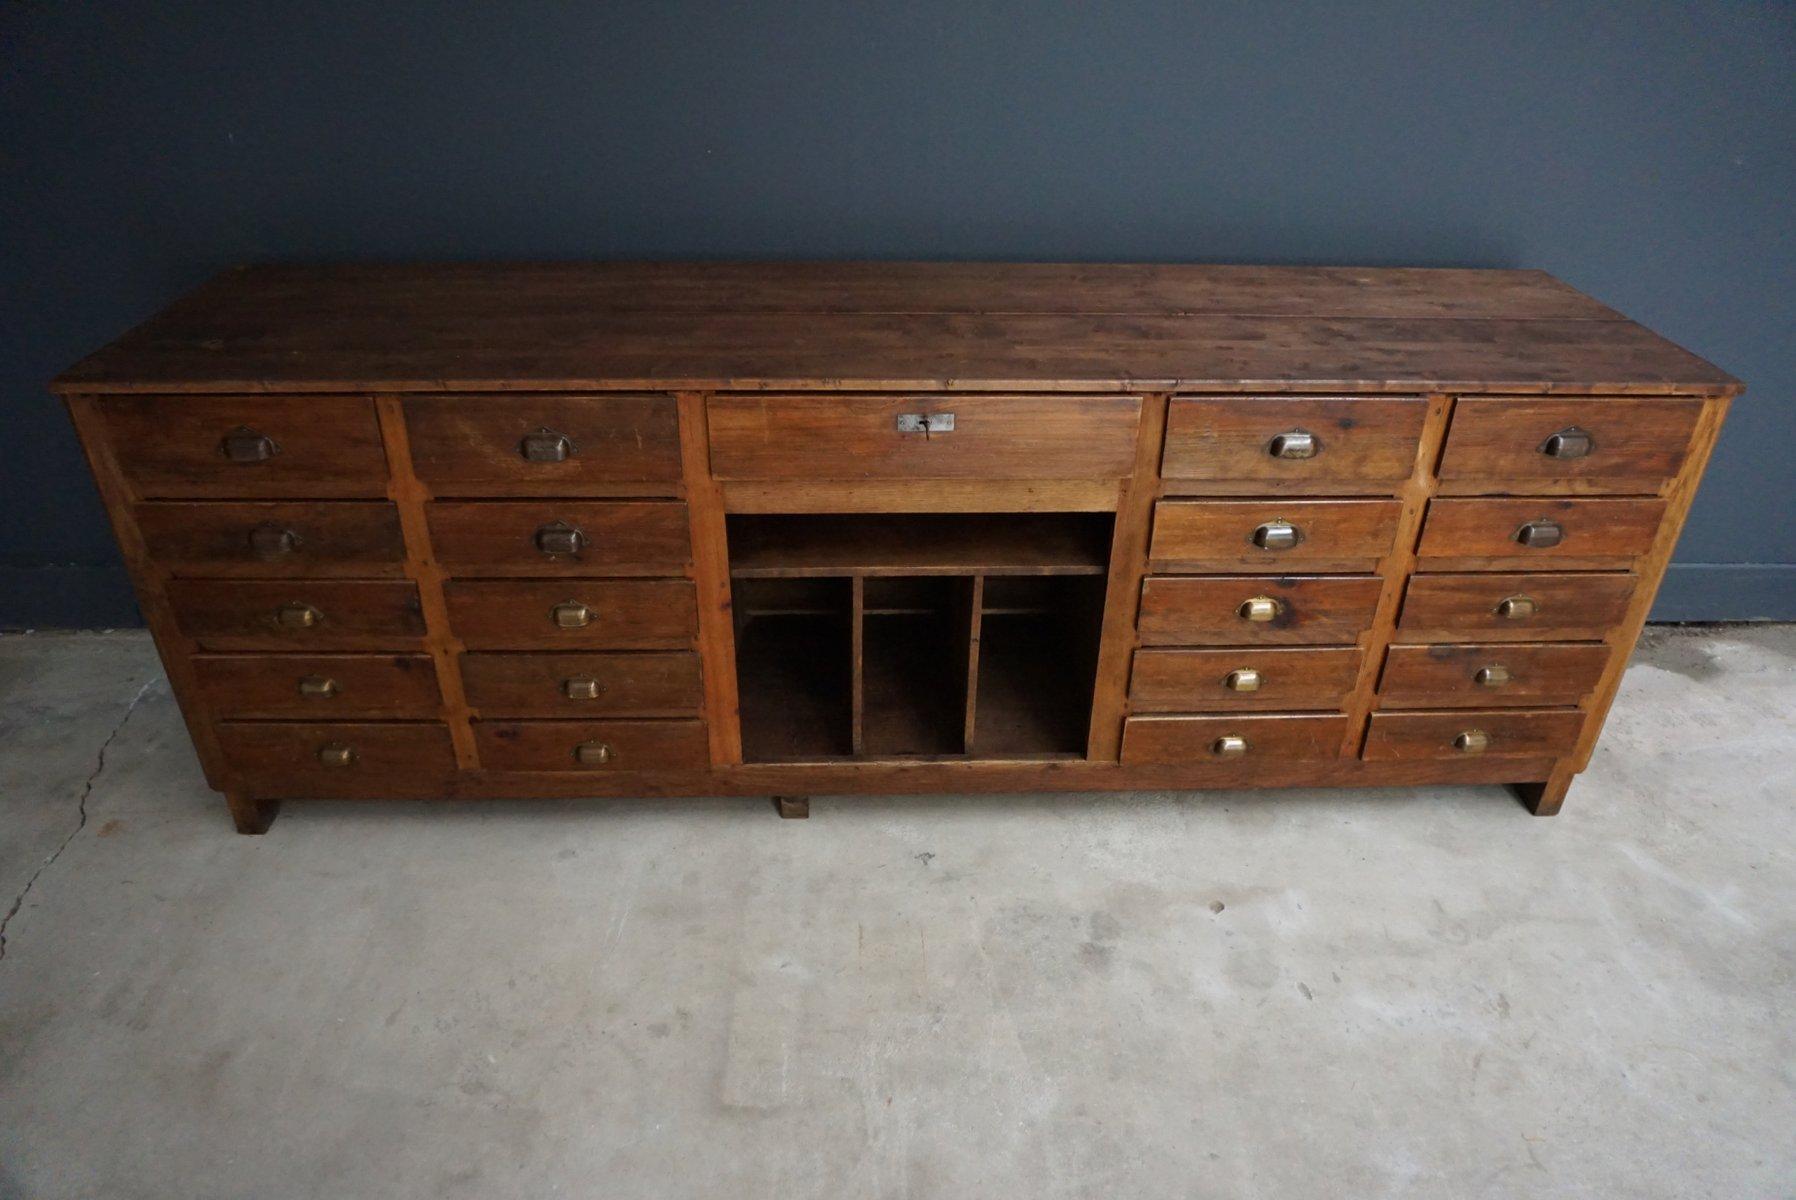 meuble d 39 apothicaire en pin france 1950s en vente sur pamono. Black Bedroom Furniture Sets. Home Design Ideas